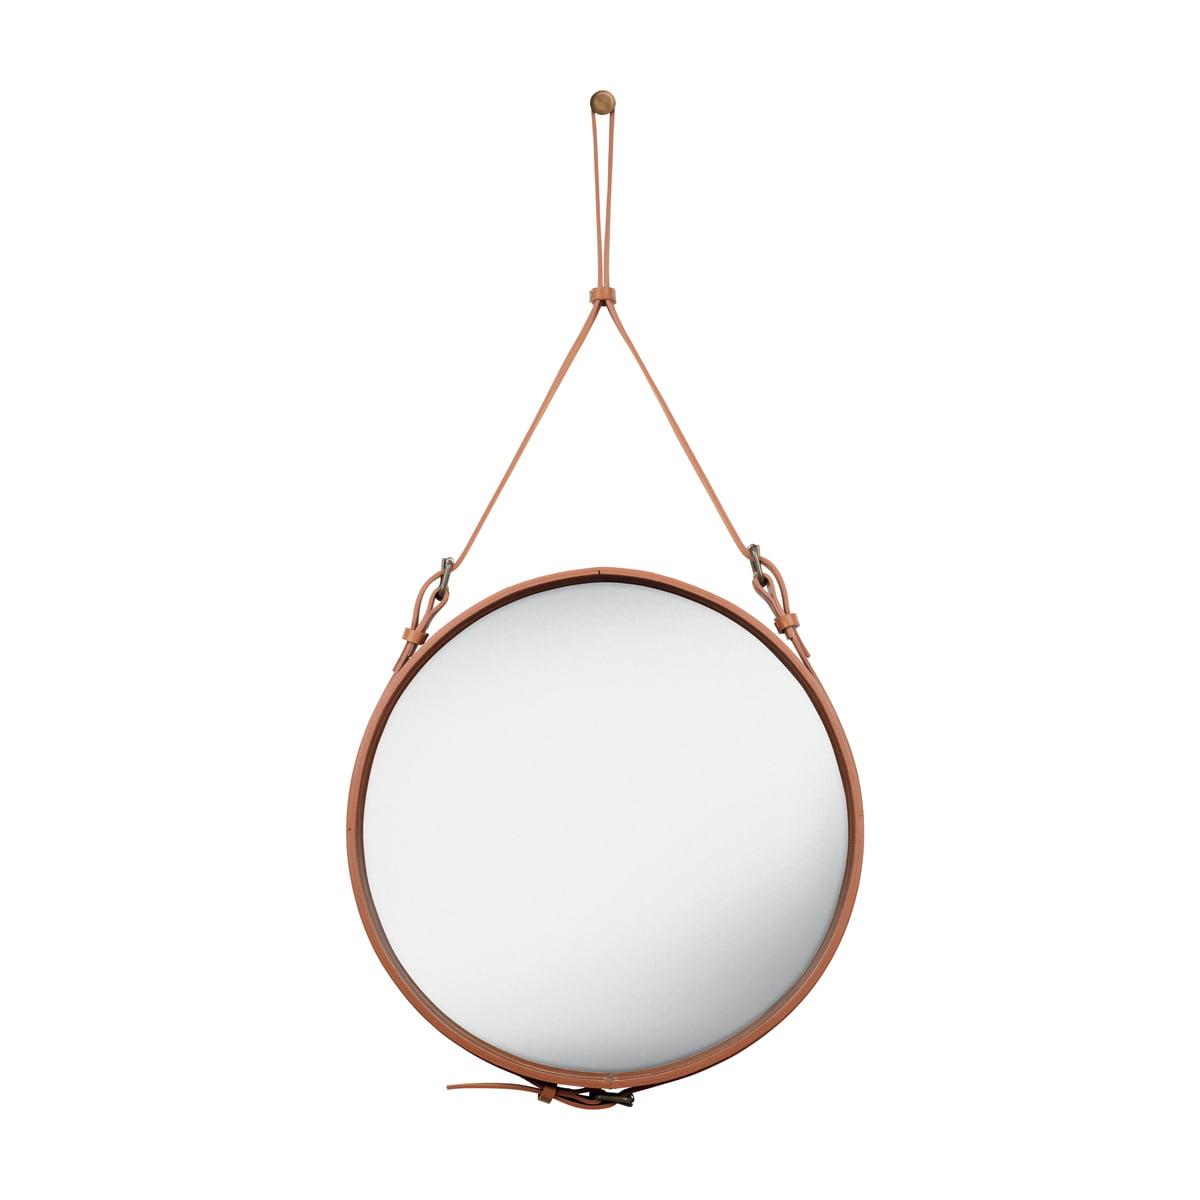 Gubi - Adnet Spiegel Ø 58 cm, braun | Flur & Diele > Spiegel | Gubi